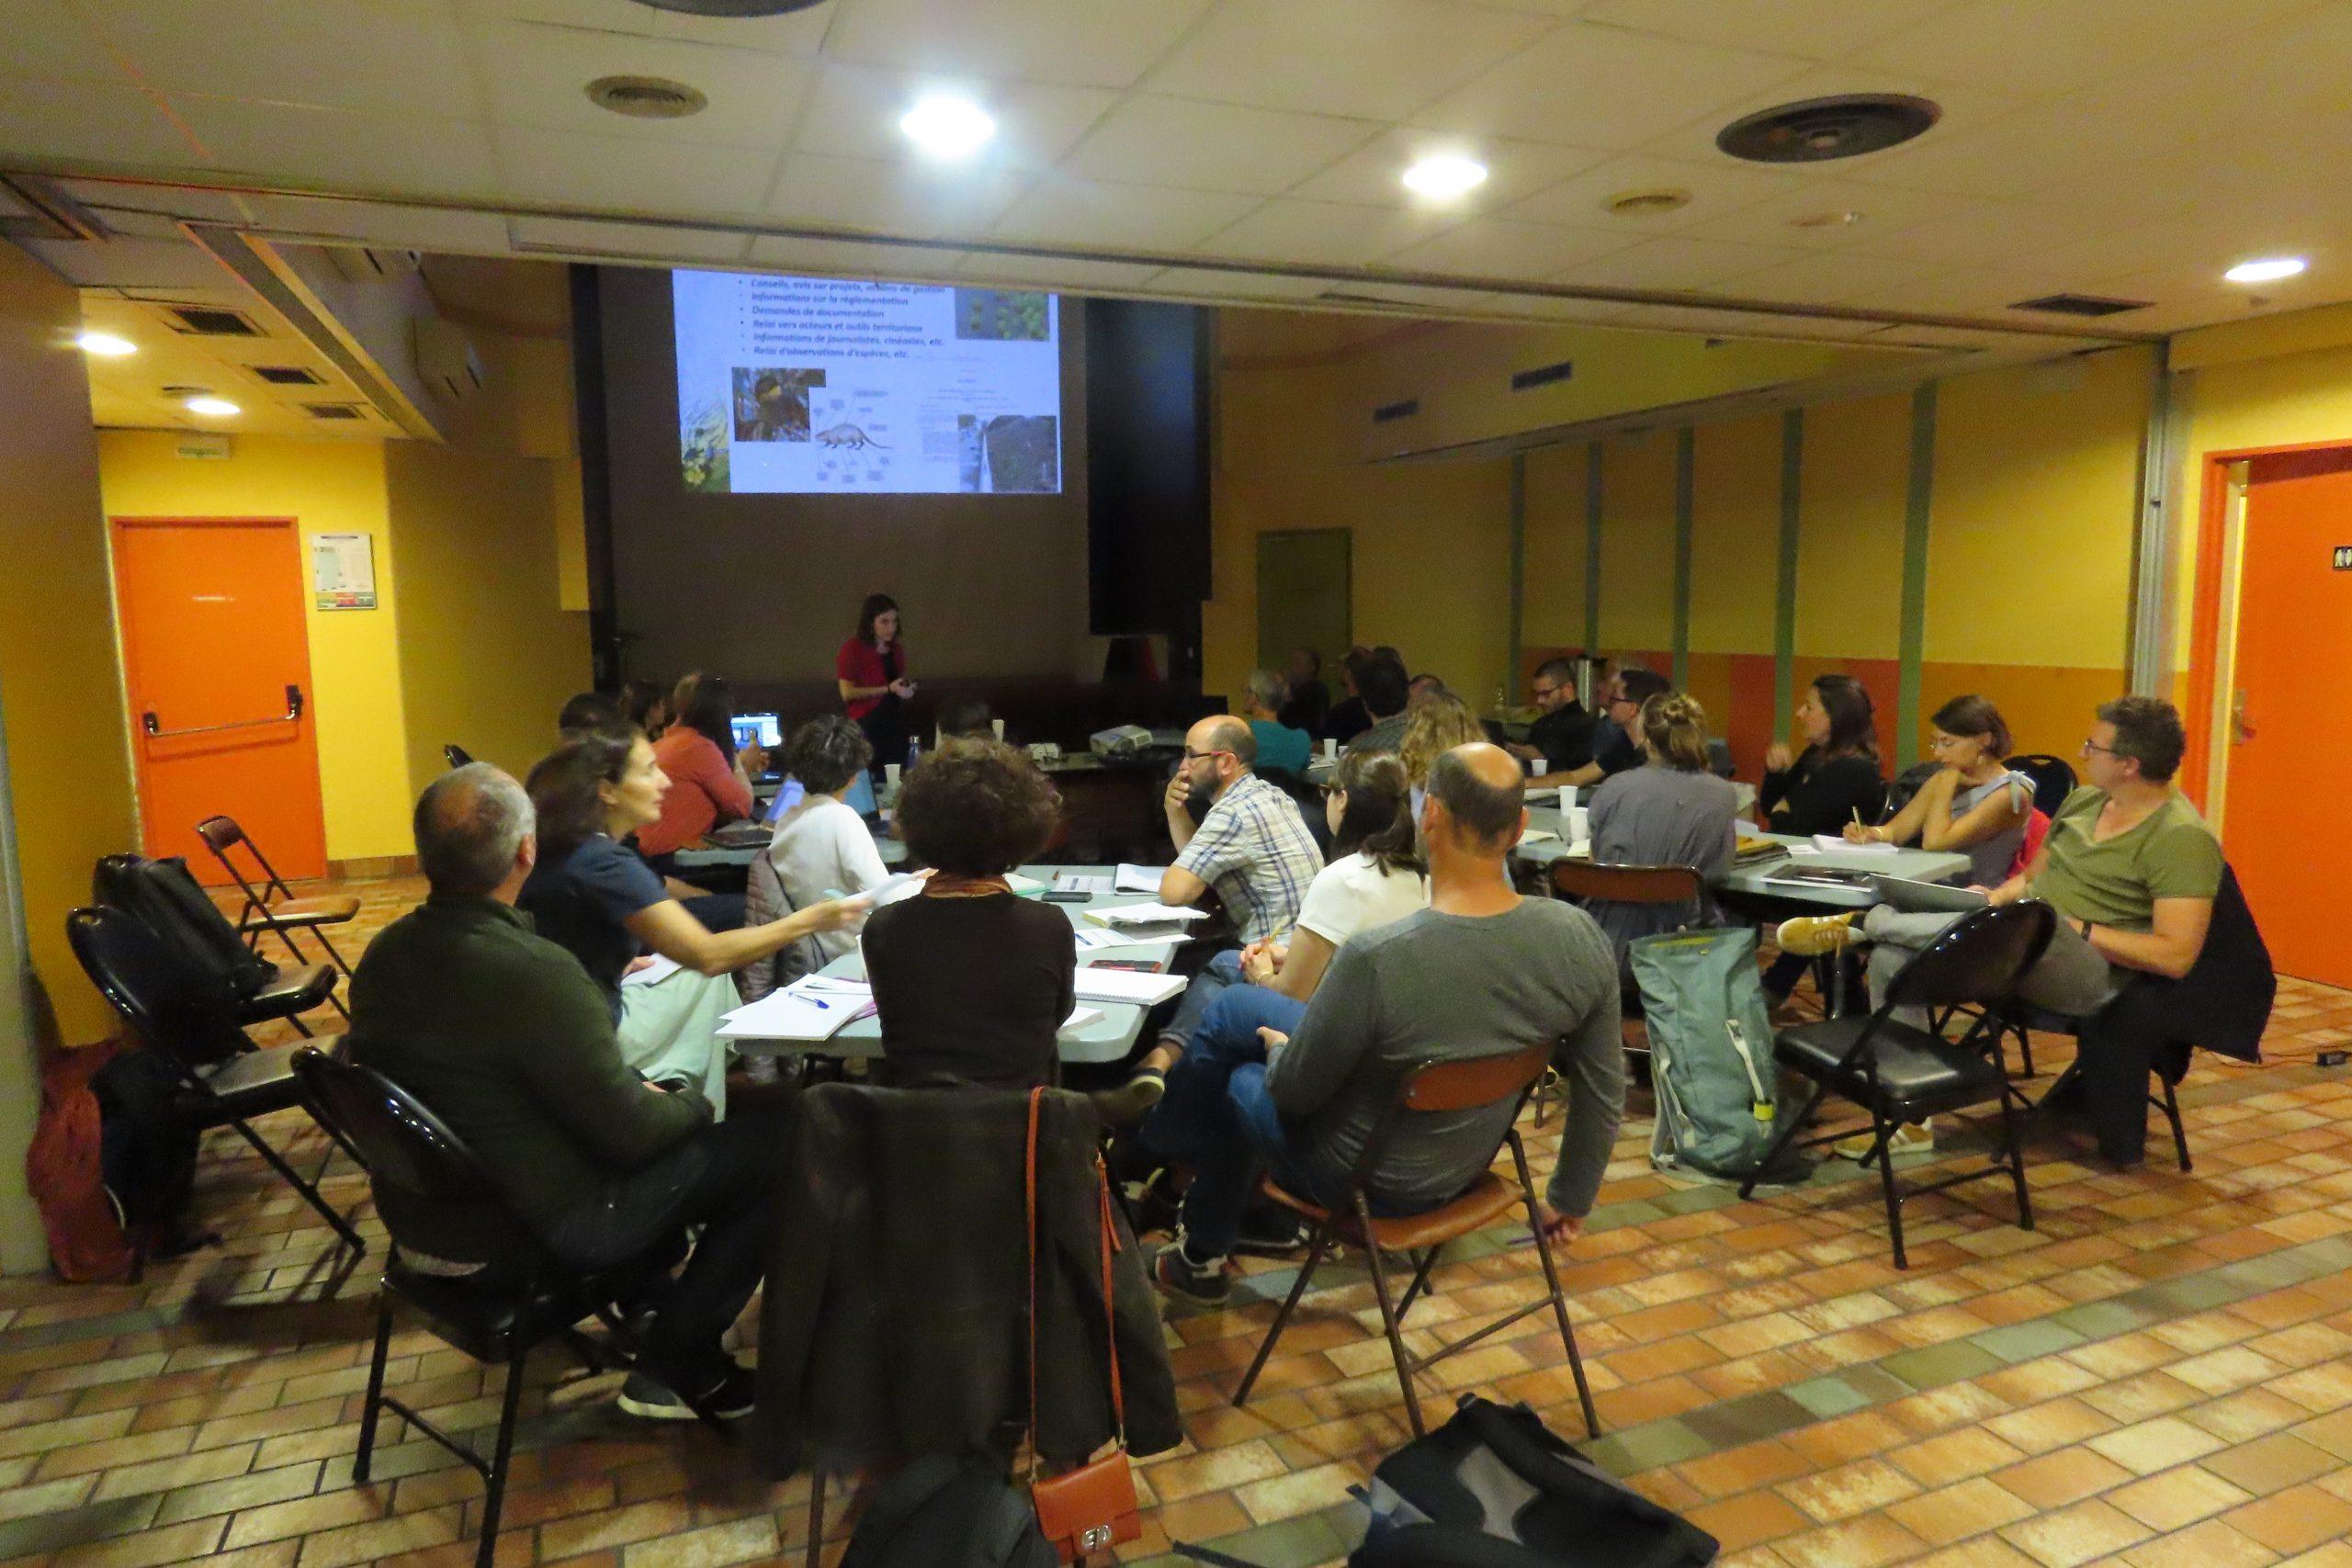 Reunion REST 2 octobre 2019 Arles - (c)A. Dutartre - Centre de ressources EEE